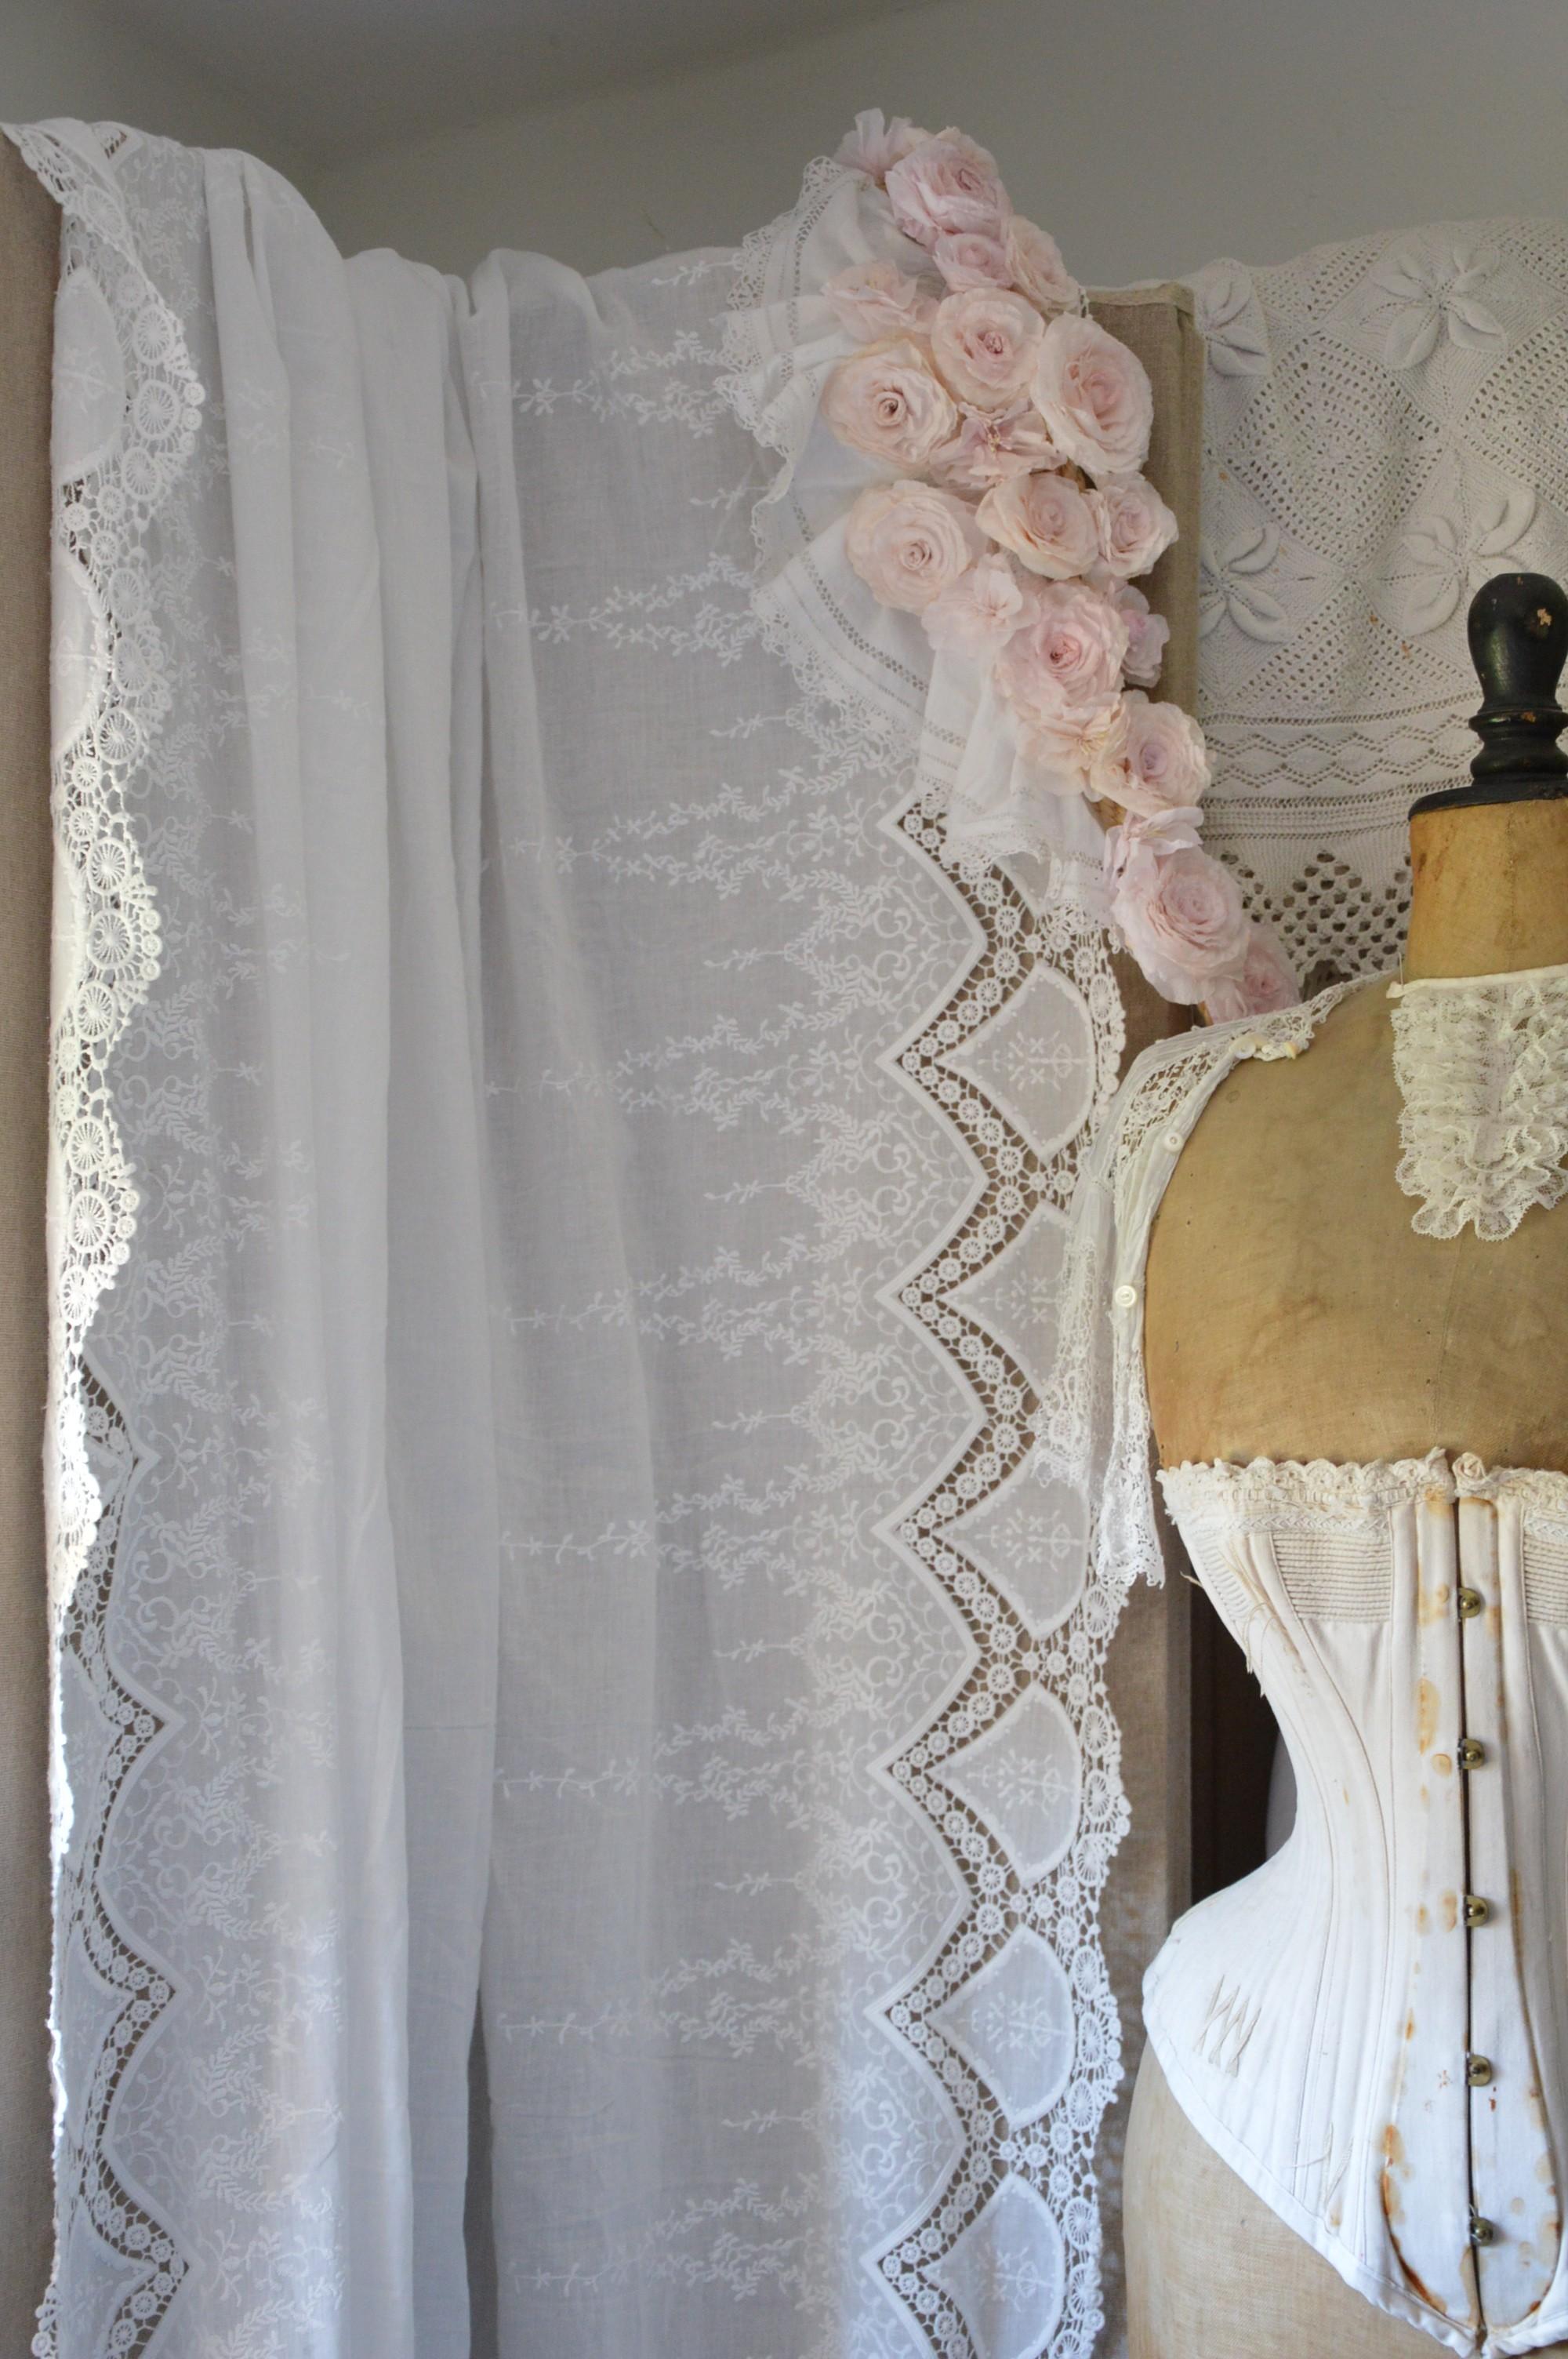 Nouveaux tissus romantiques shabby le grenier d 39 alice - Rideau dentelle romantique ...